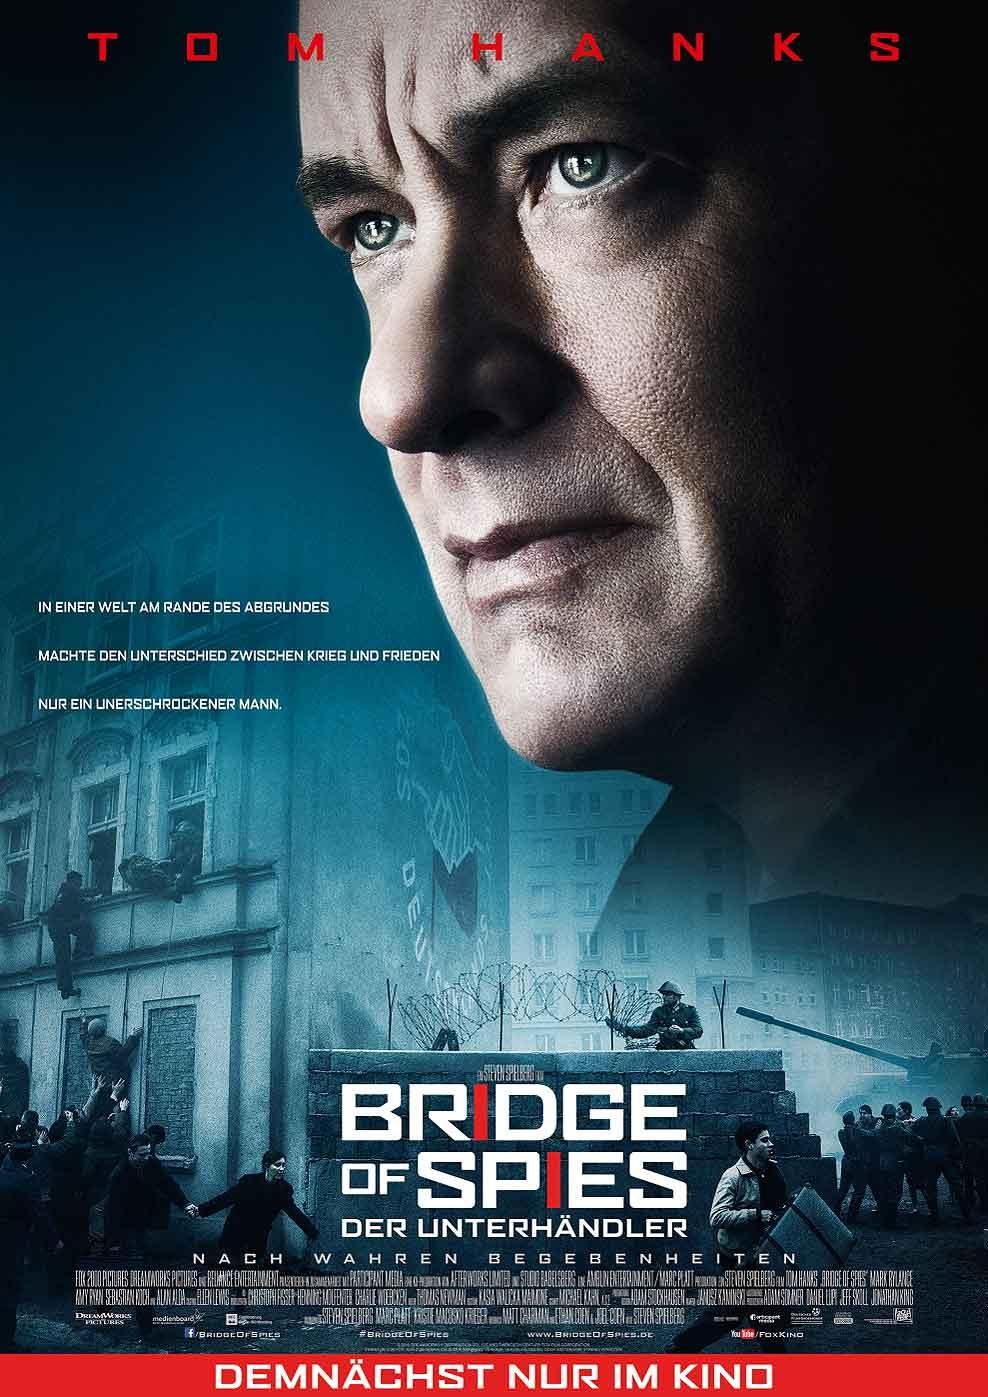 Bridge of Spies - Der Unterhändler (Poster)